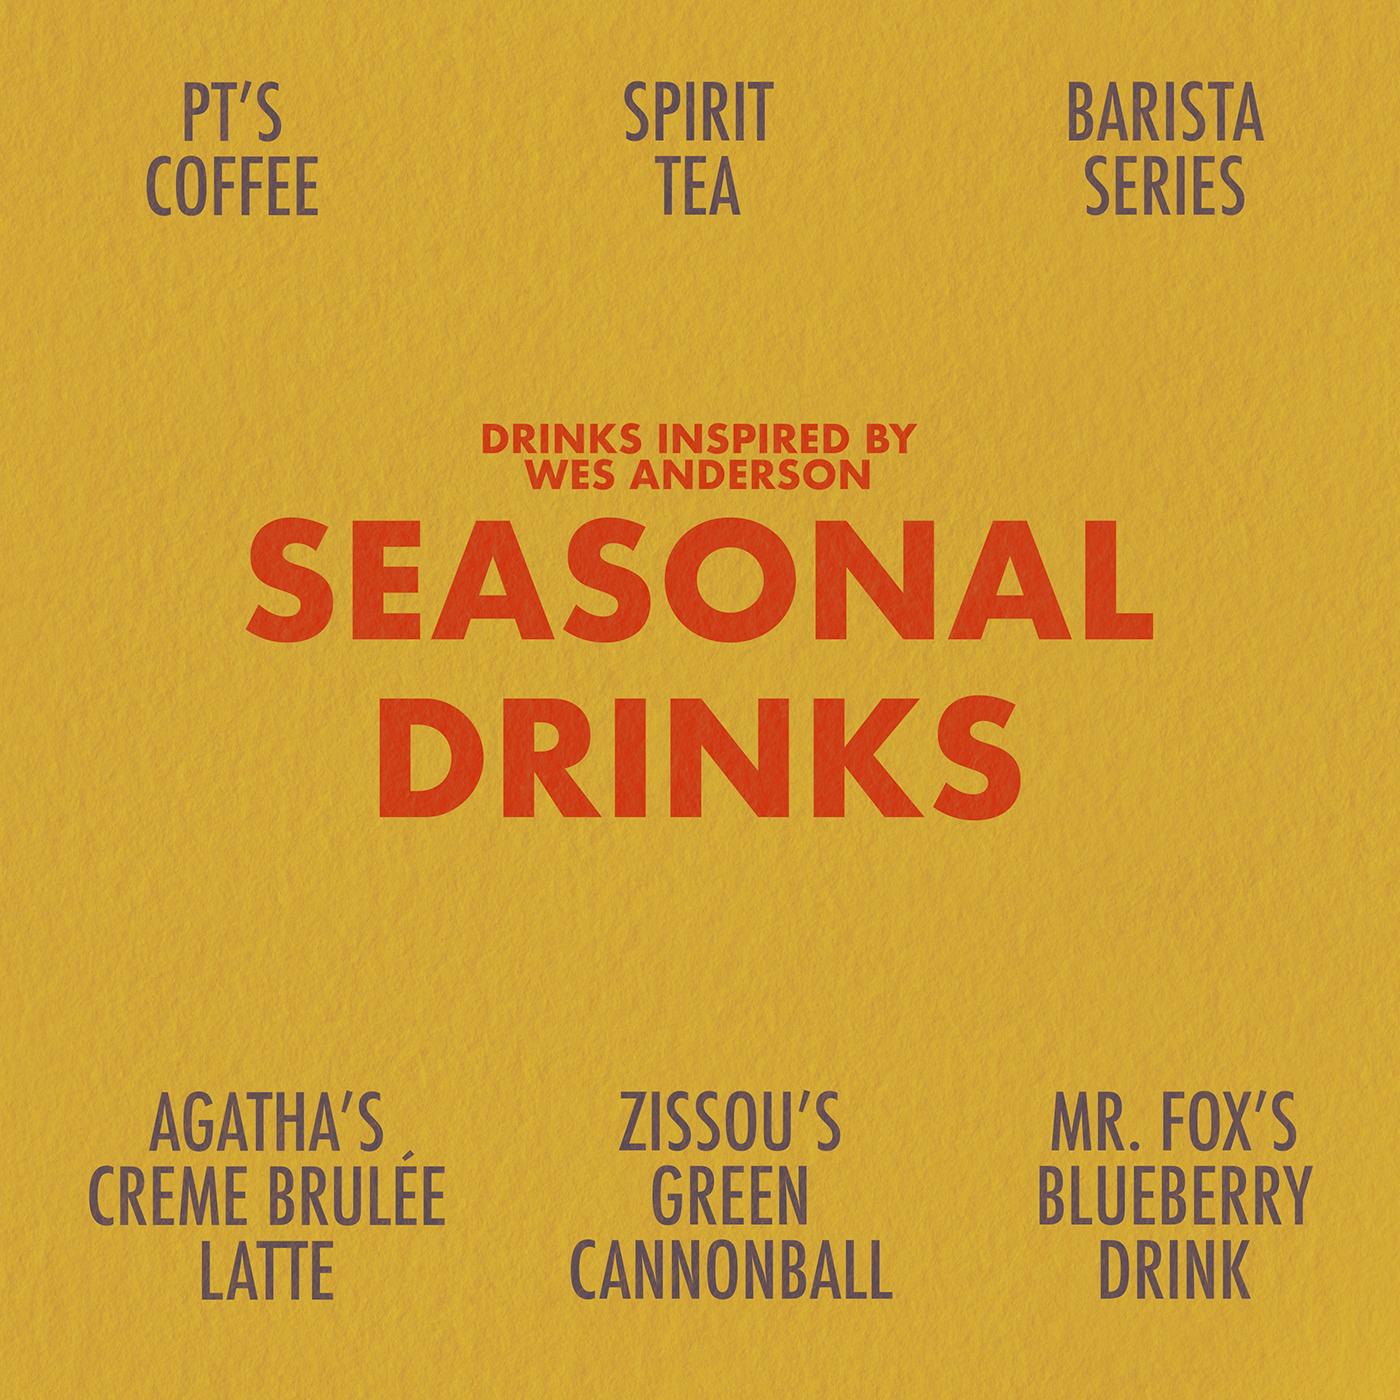 cocktails Coffee Procreate seasonal drinks tea wes anderson